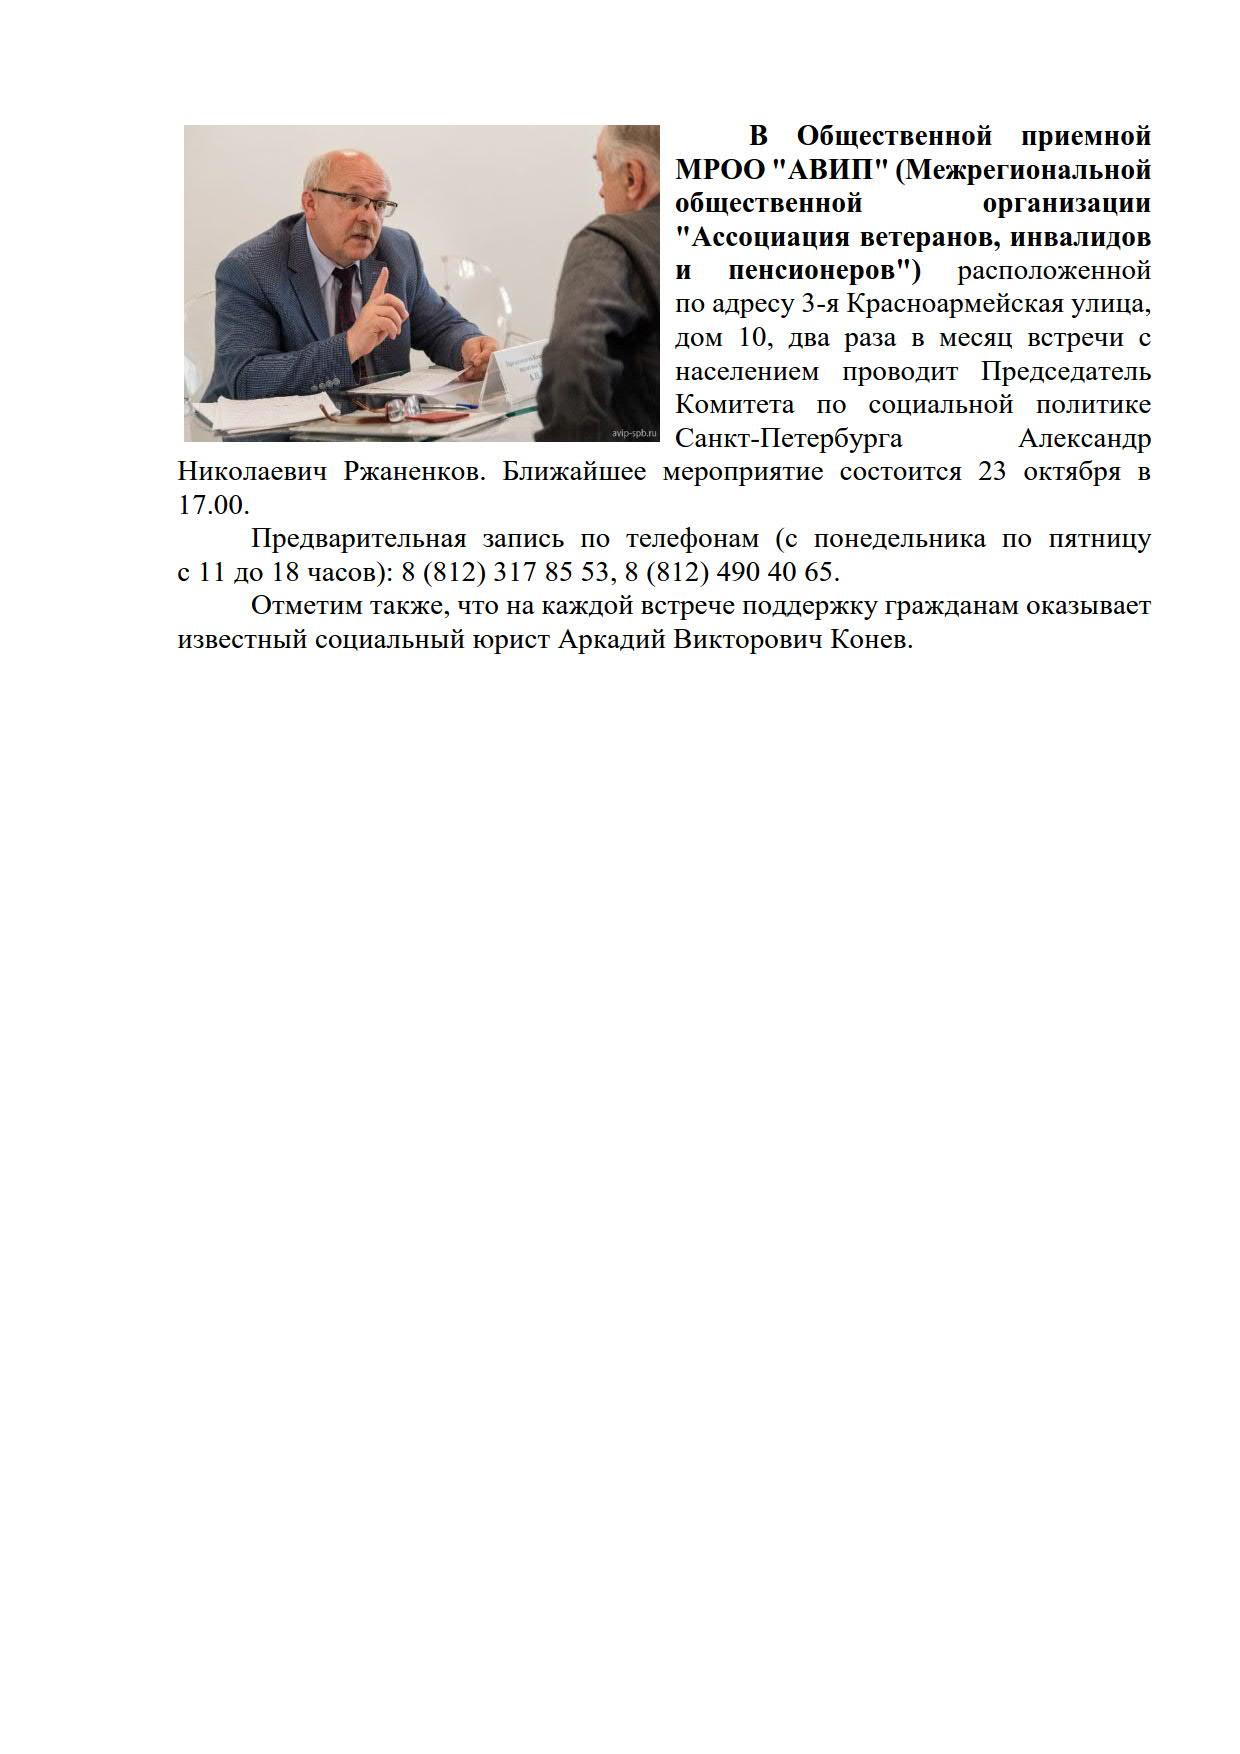 Встречи А.Н. Ржаненкова в МРОО АВИП_1